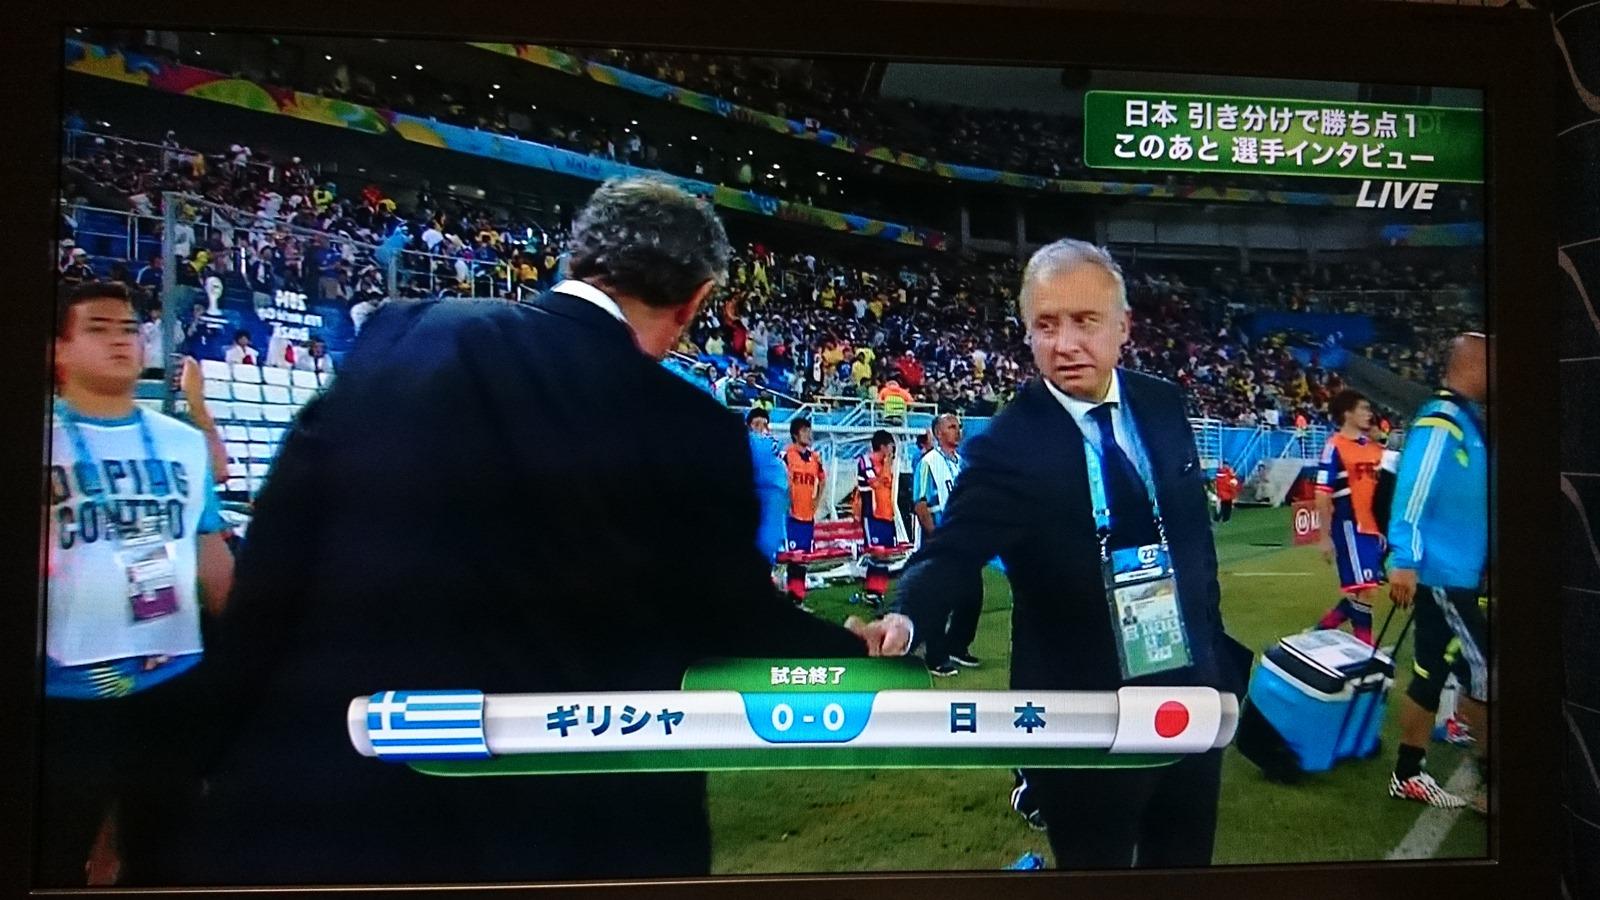 W杯2014ブラジル:予選リーグ第2戦:日本 vs ギリシャ